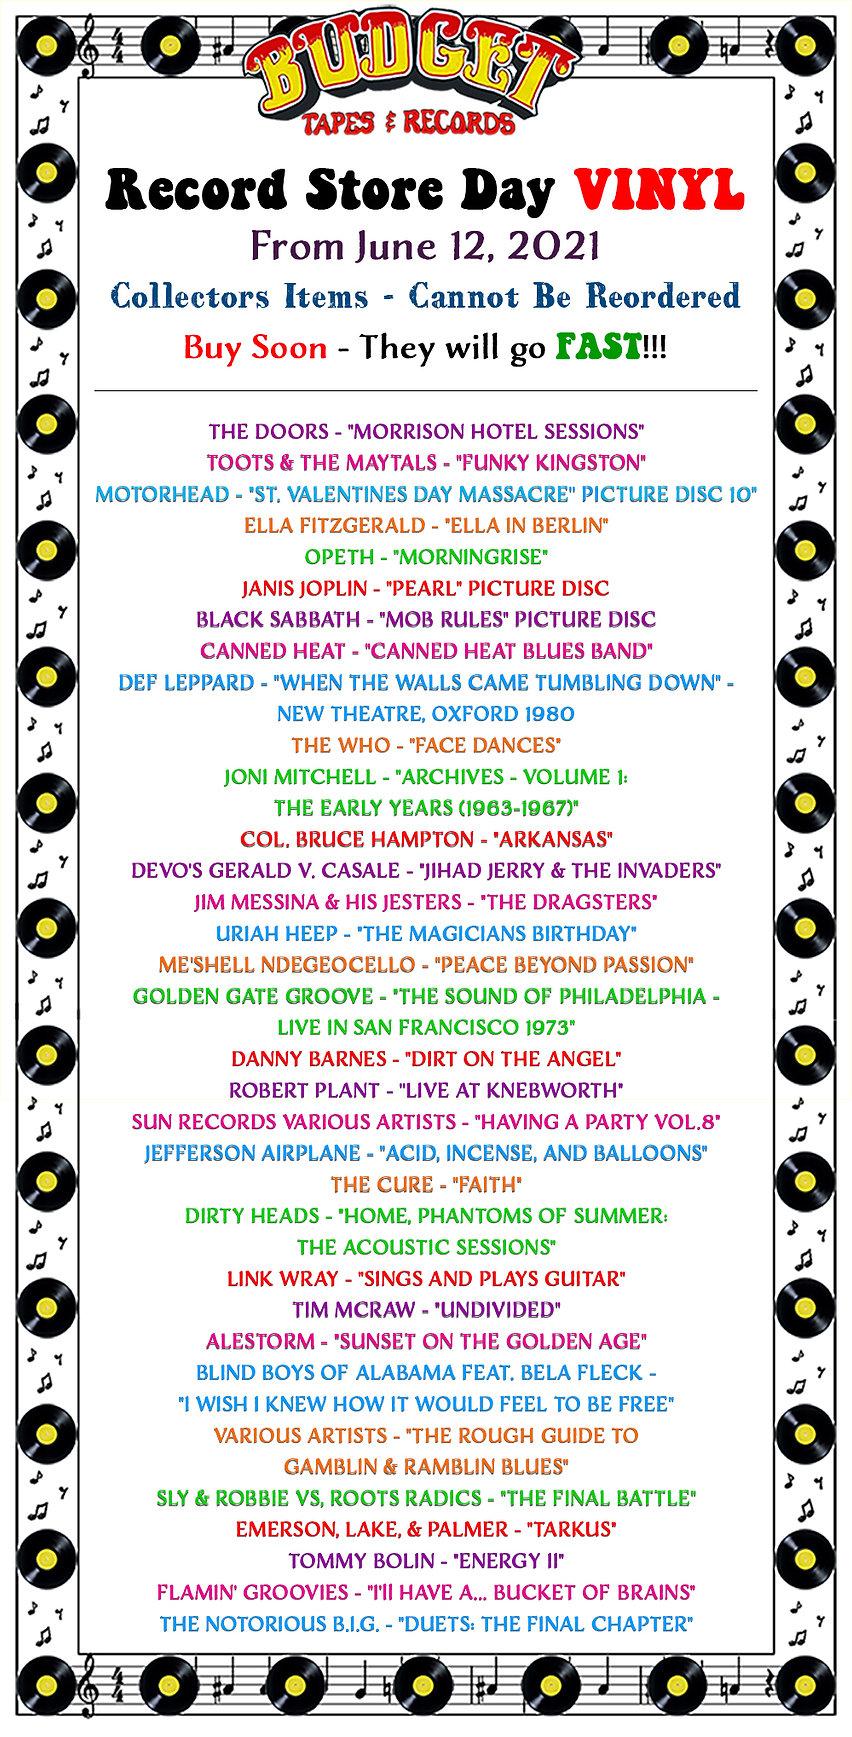 RSD June 2021 Vinyl Still Available 2.jpg